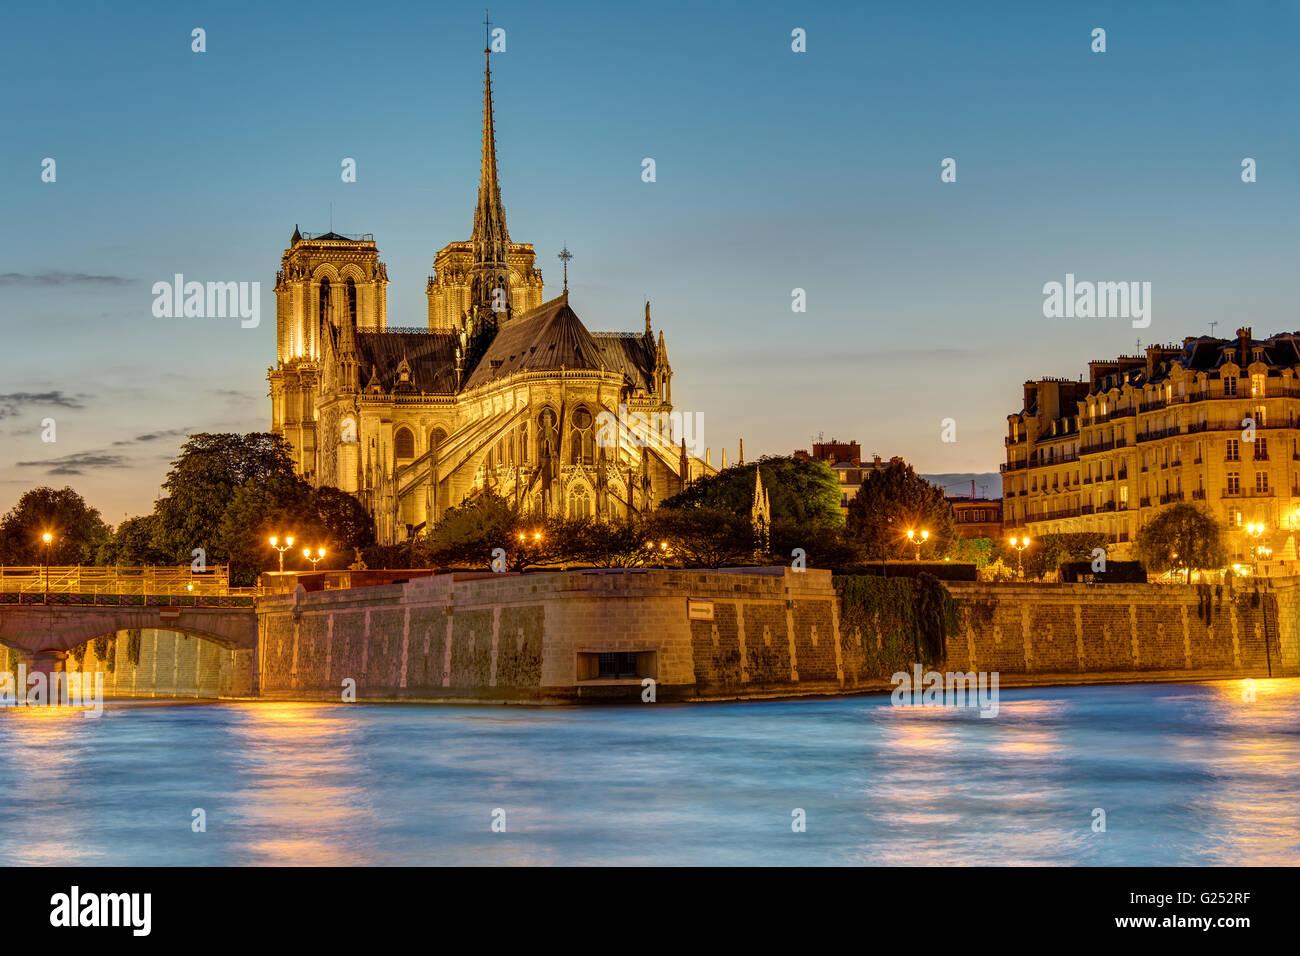 La famosa catedral de Notre Dame en París al amanecer Imagen De Stock